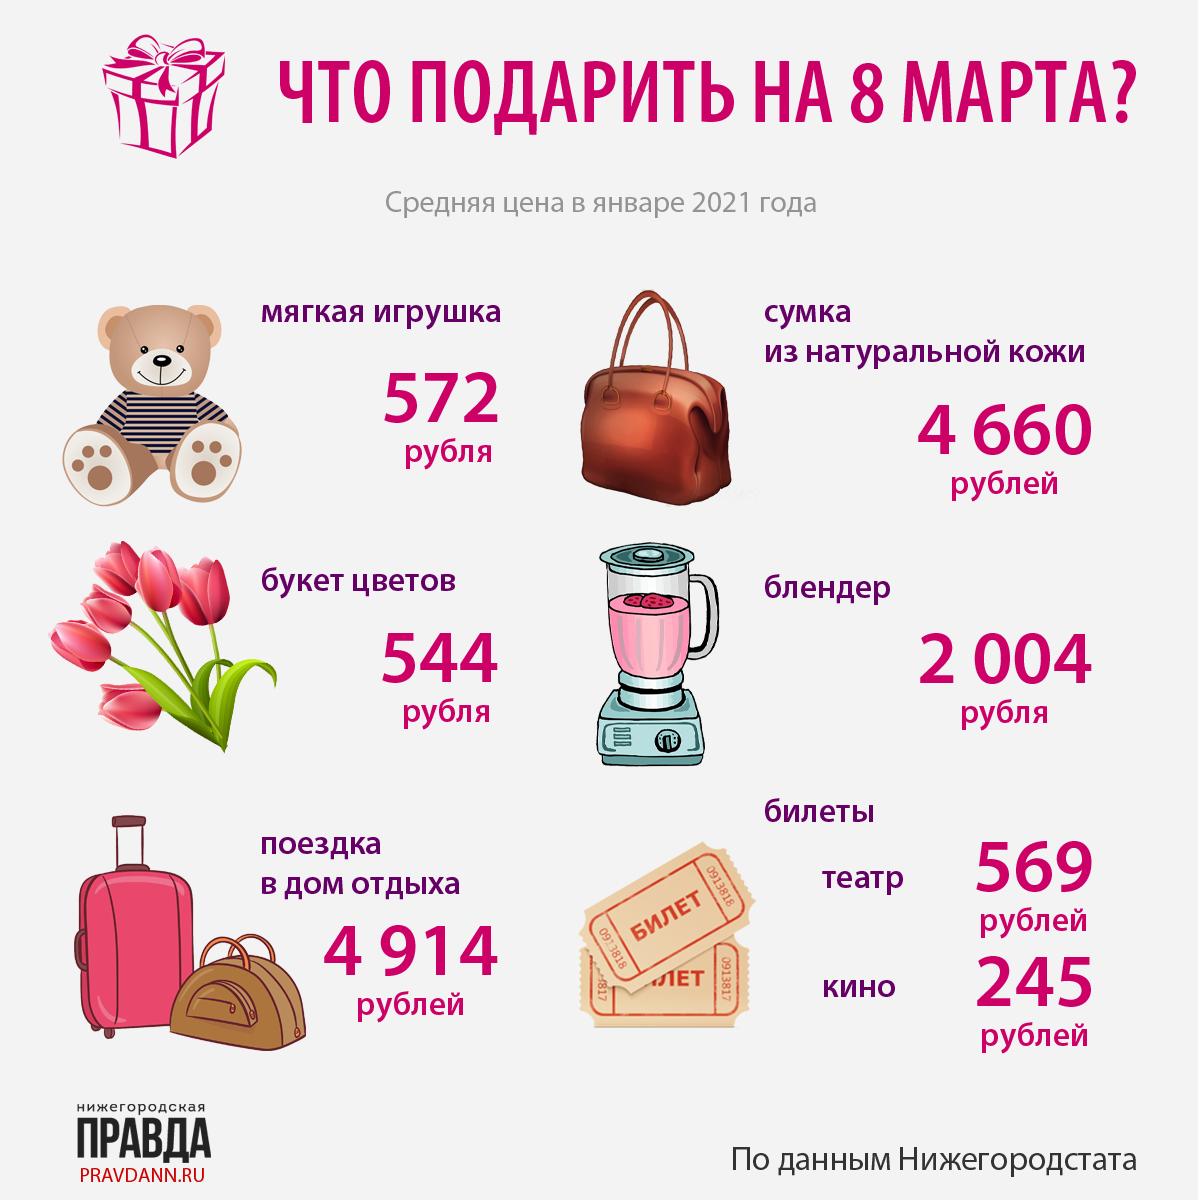 инфографика что подарить